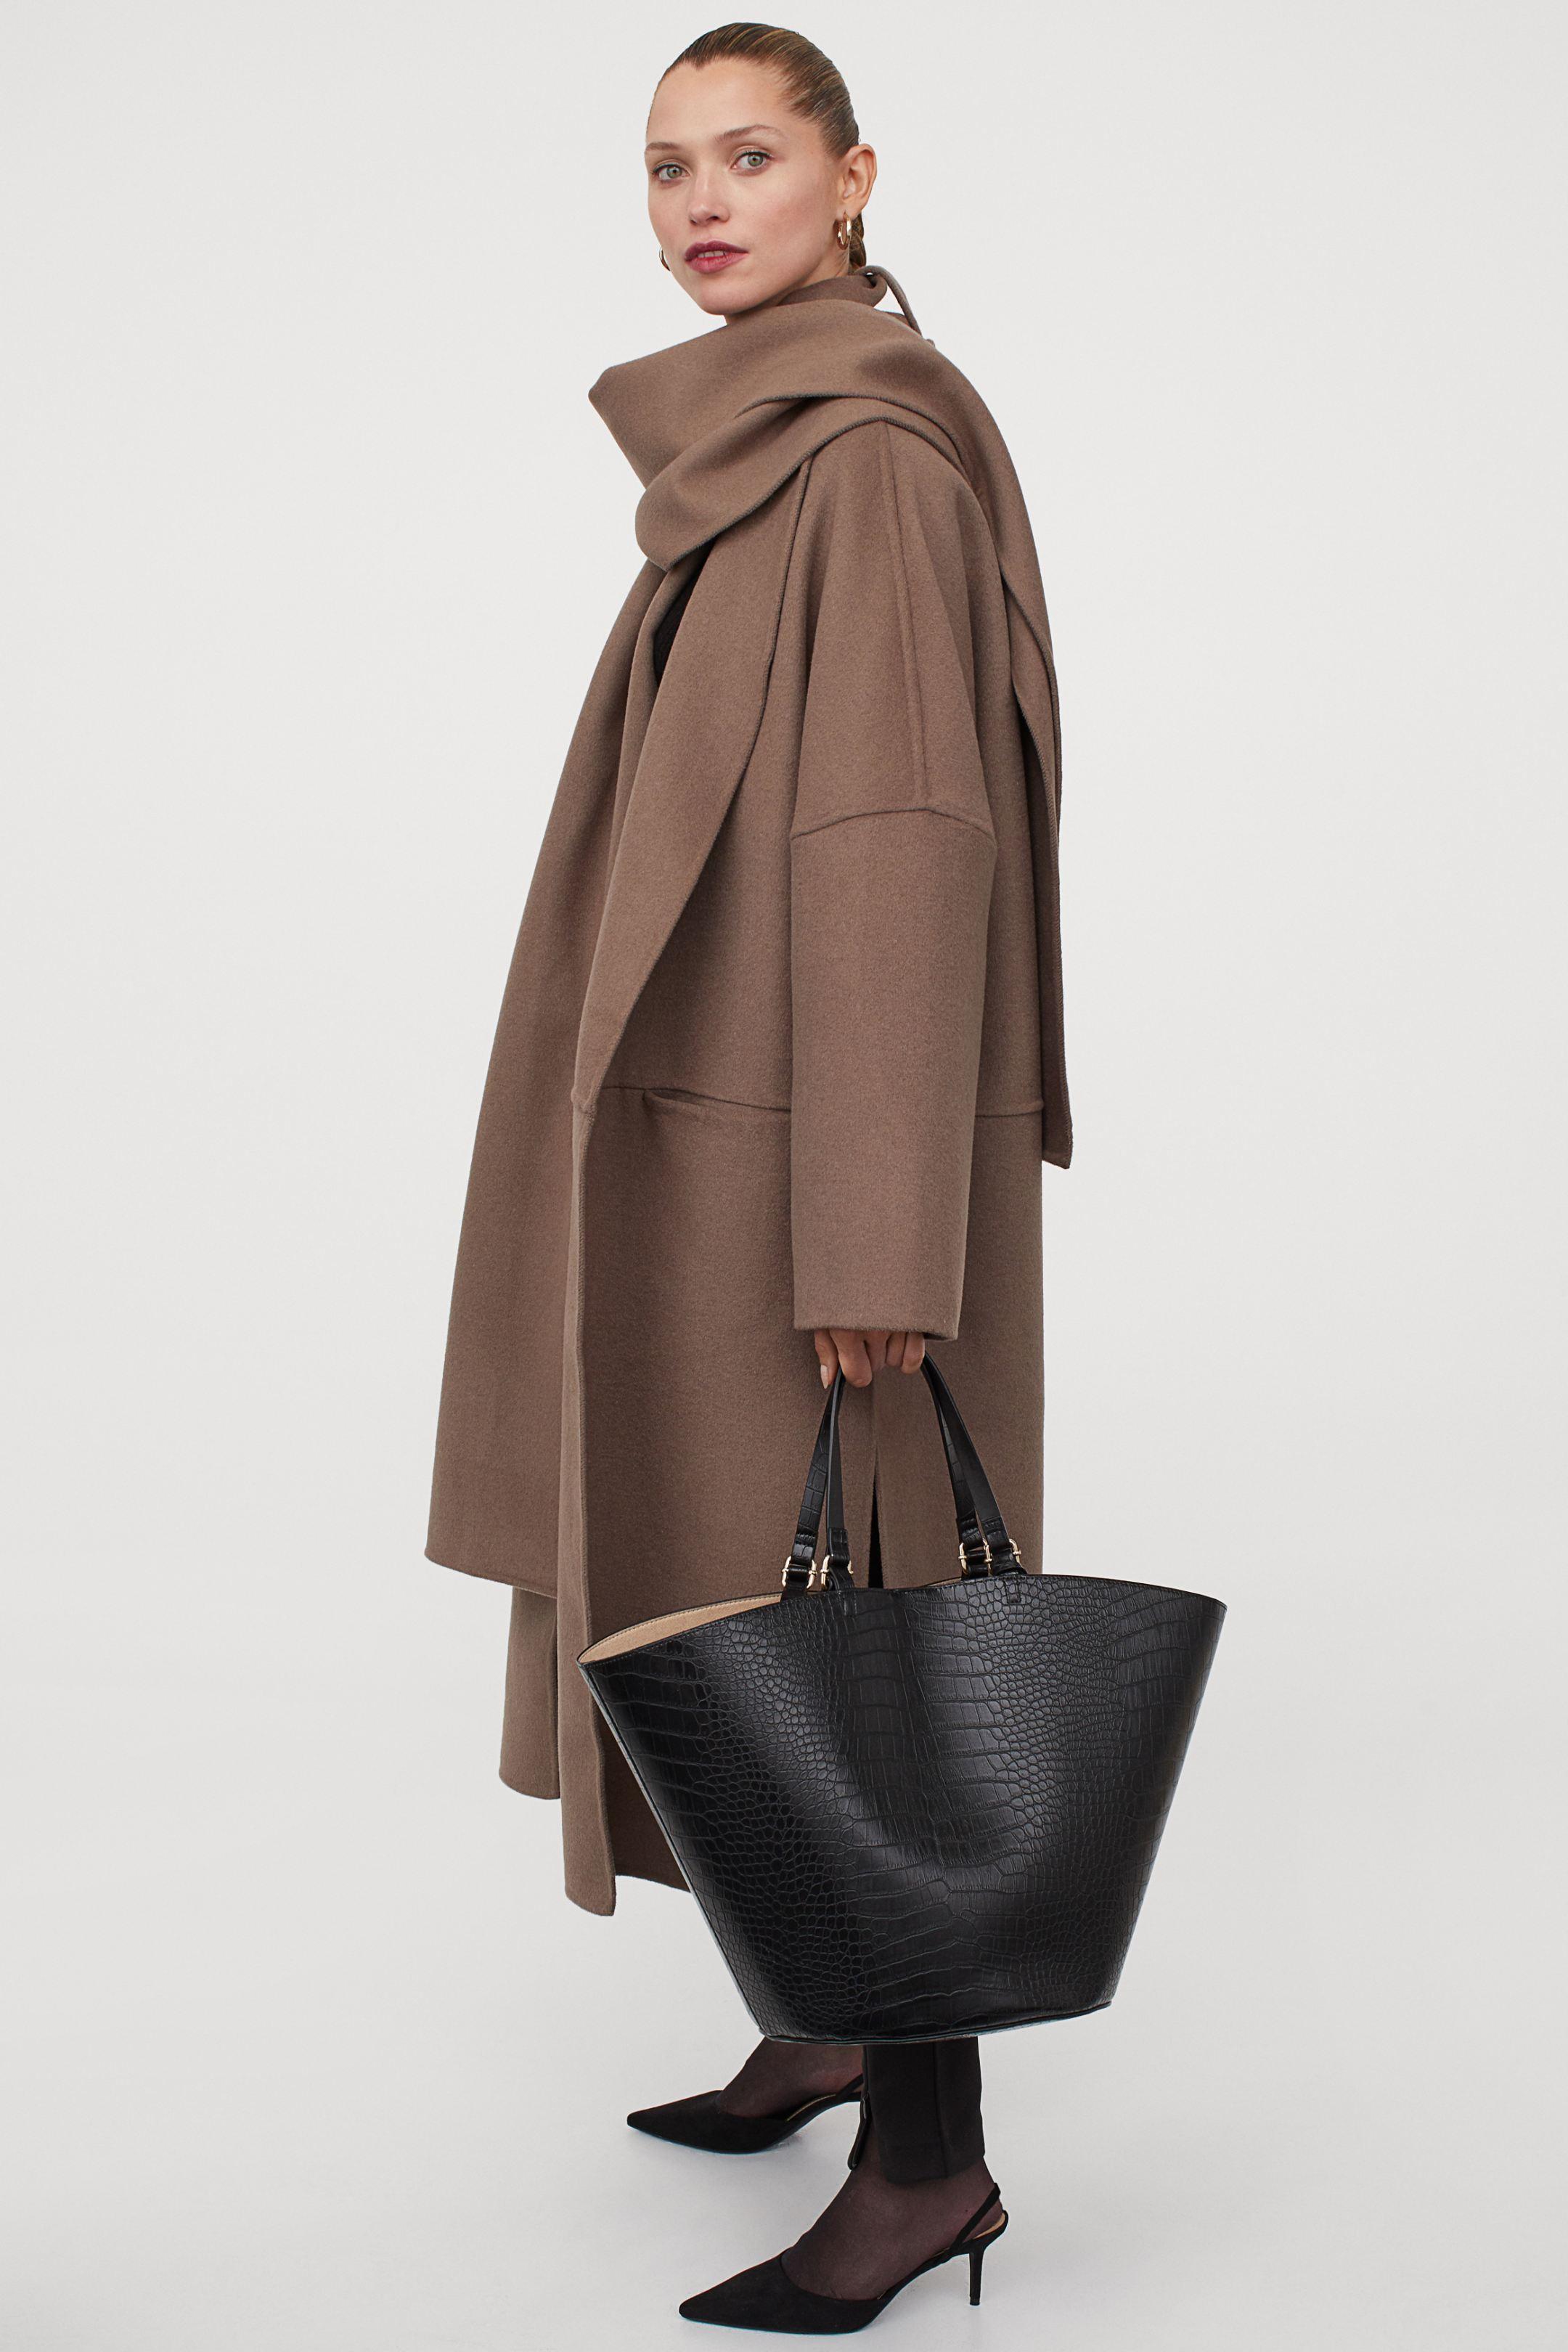 Abrigo en mezcla de lana con bufanda incorporada